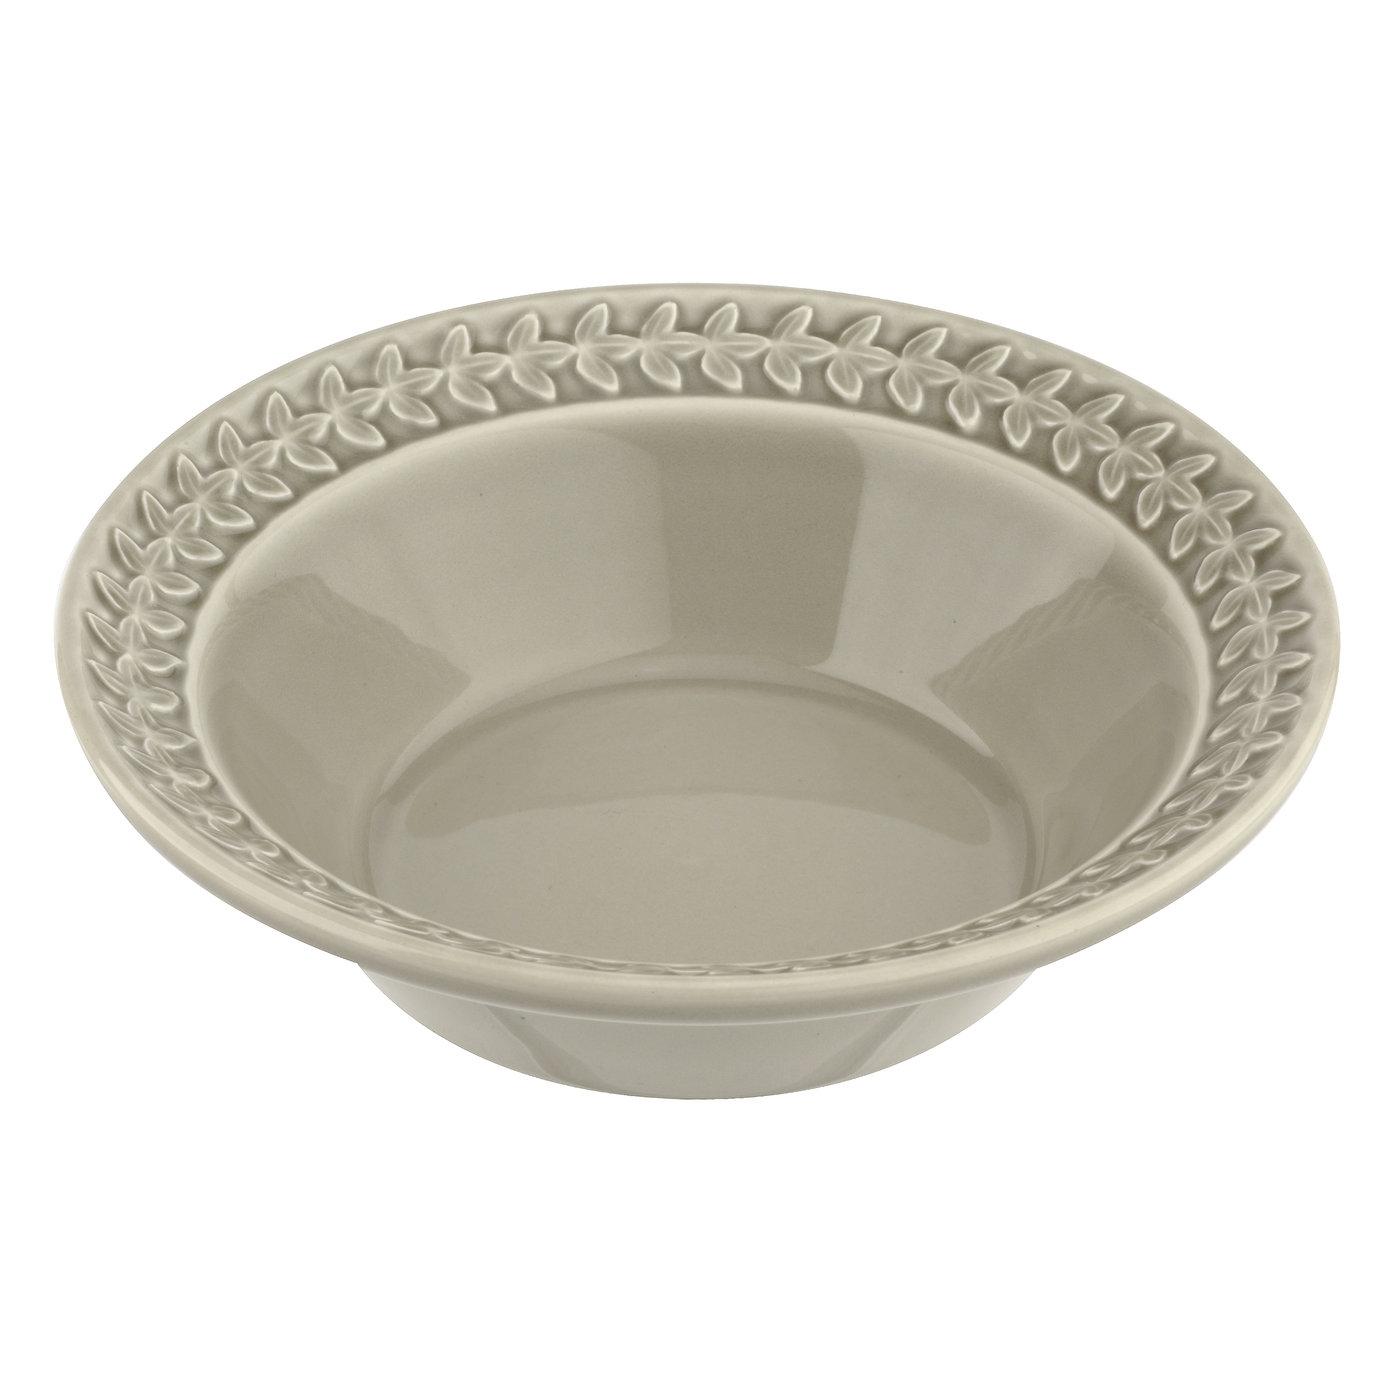 포트메리온 '보타닉 가든 하모니' 씨리얼 볼 접시 Portmeirion Botanic Garden Harmony Stone Cereal Bowl